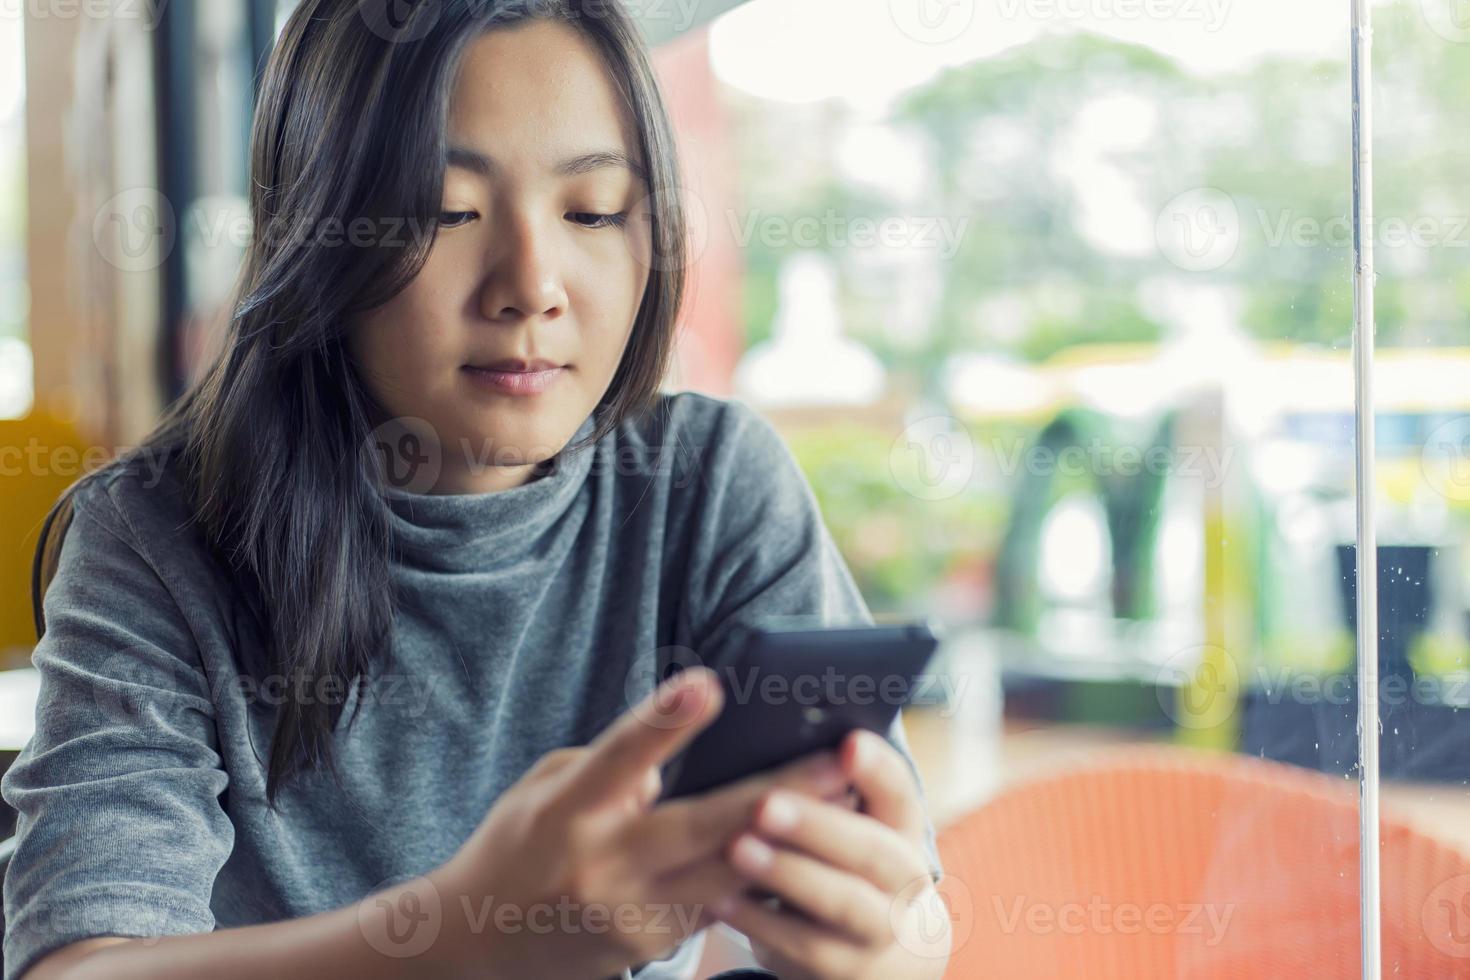 vrouwen gebruiken smartphone voor zaken in café foto